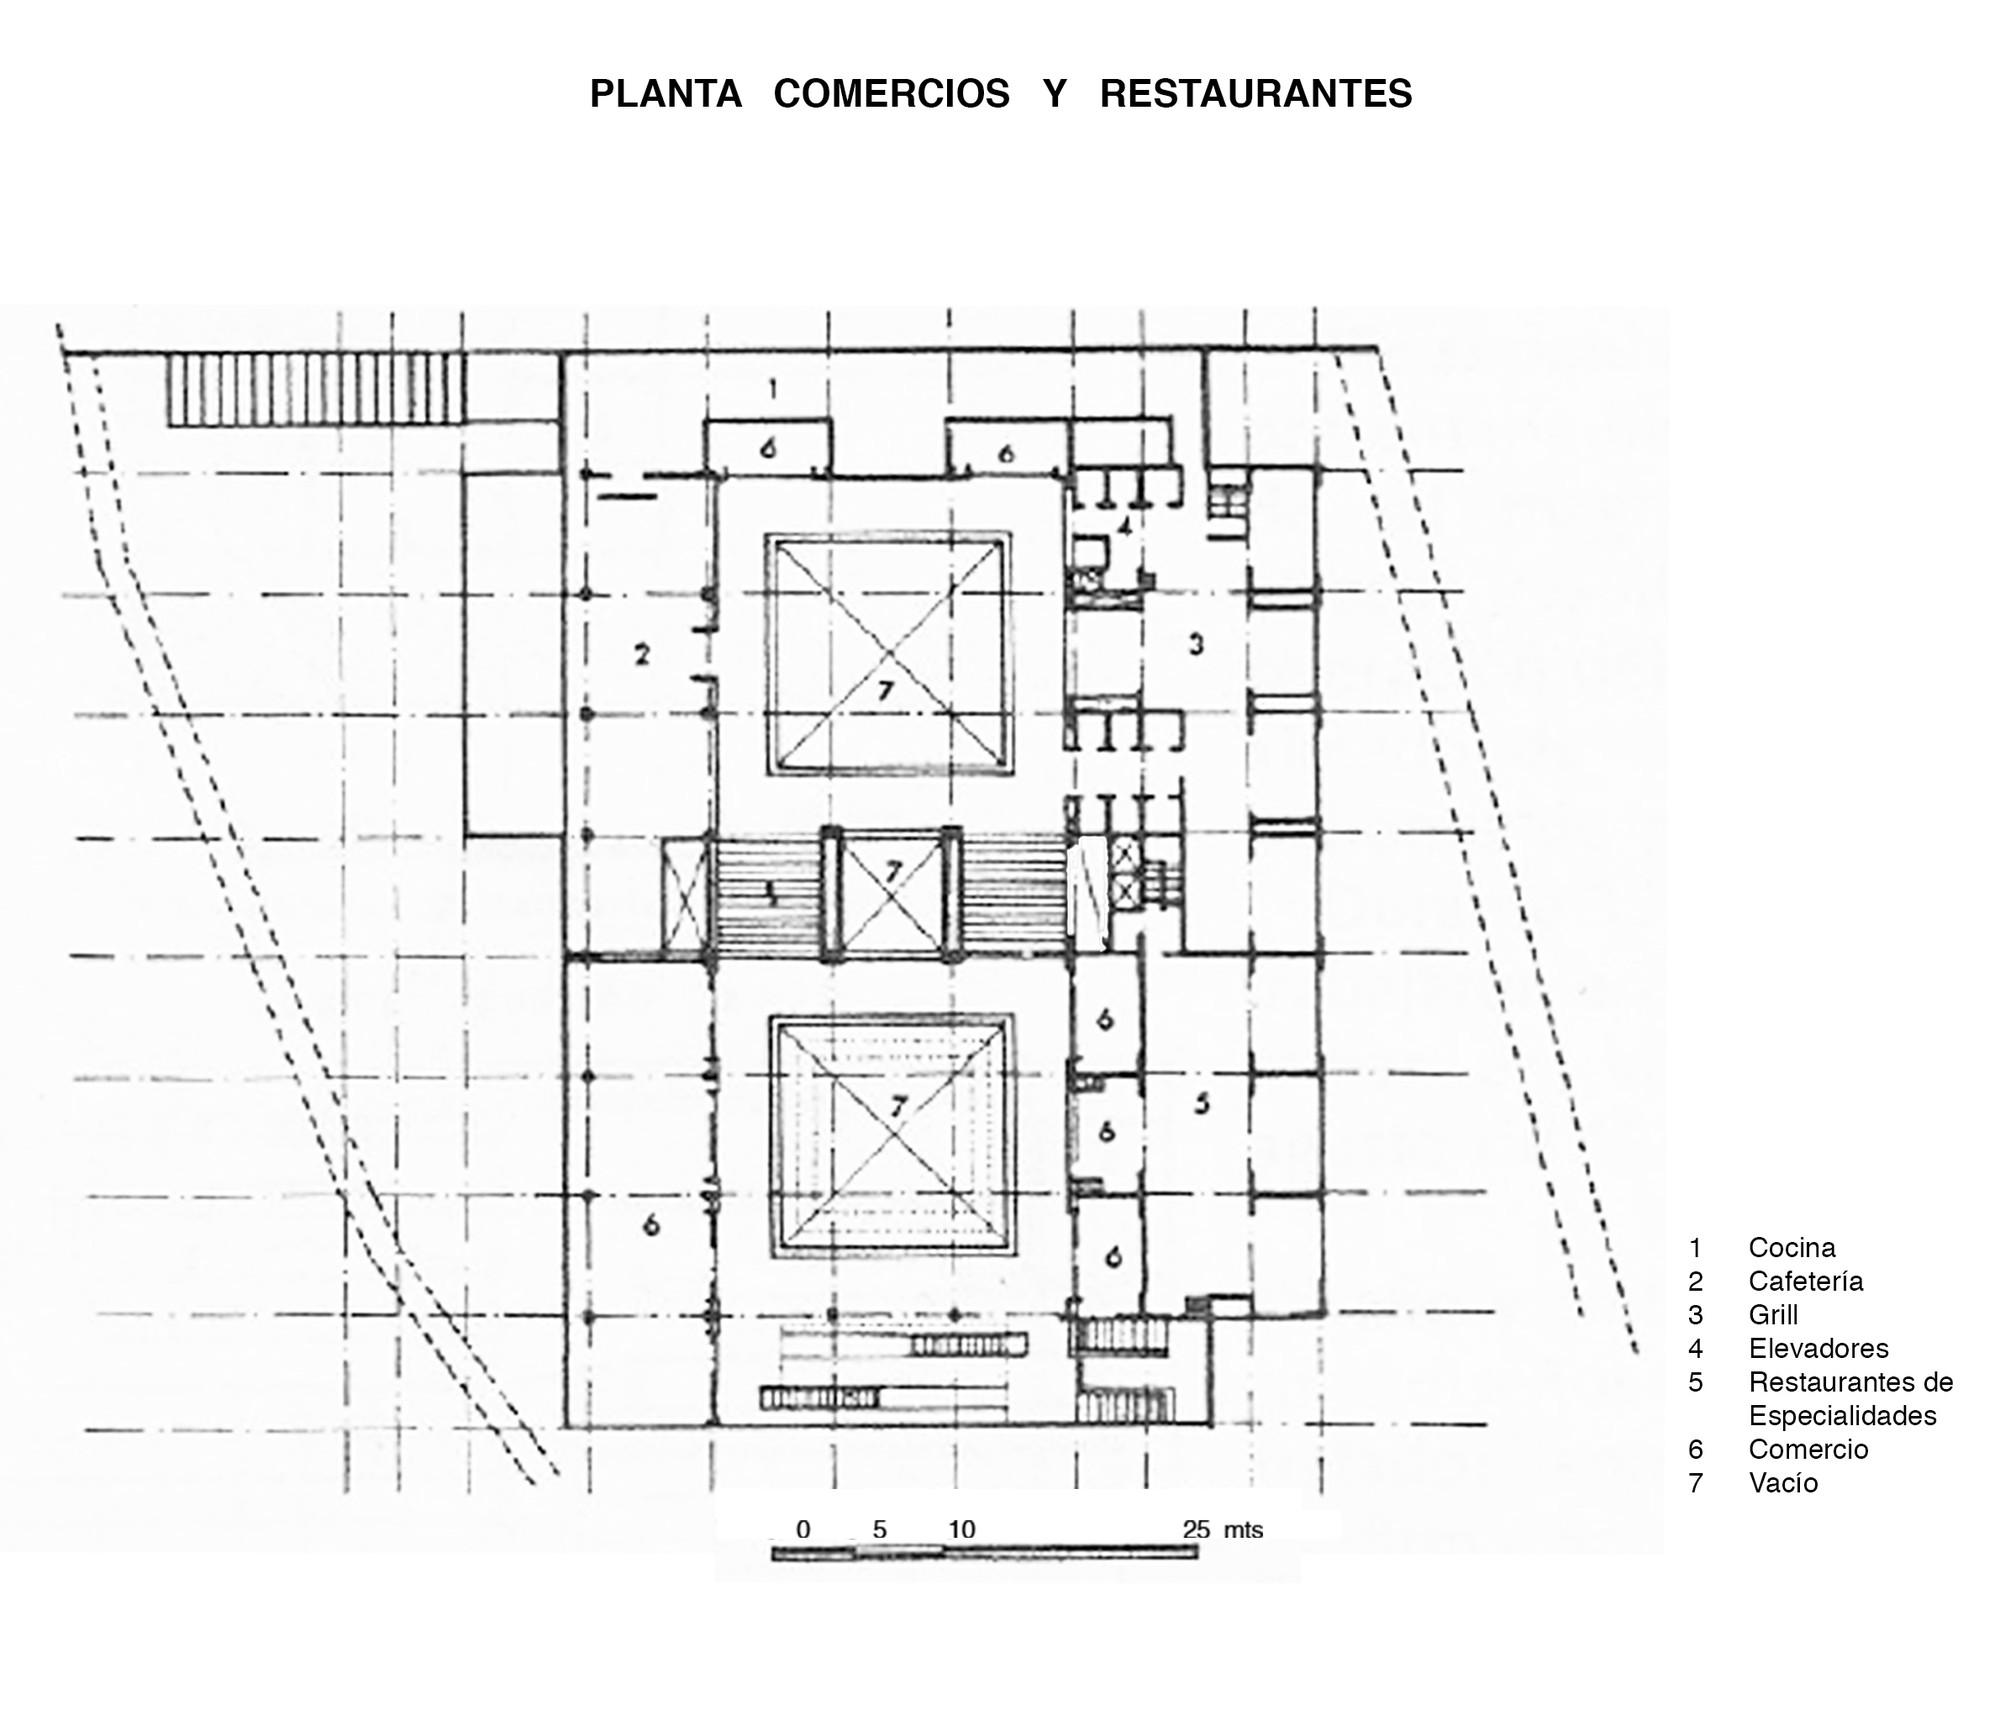 Planta Comercio y Restaurantes